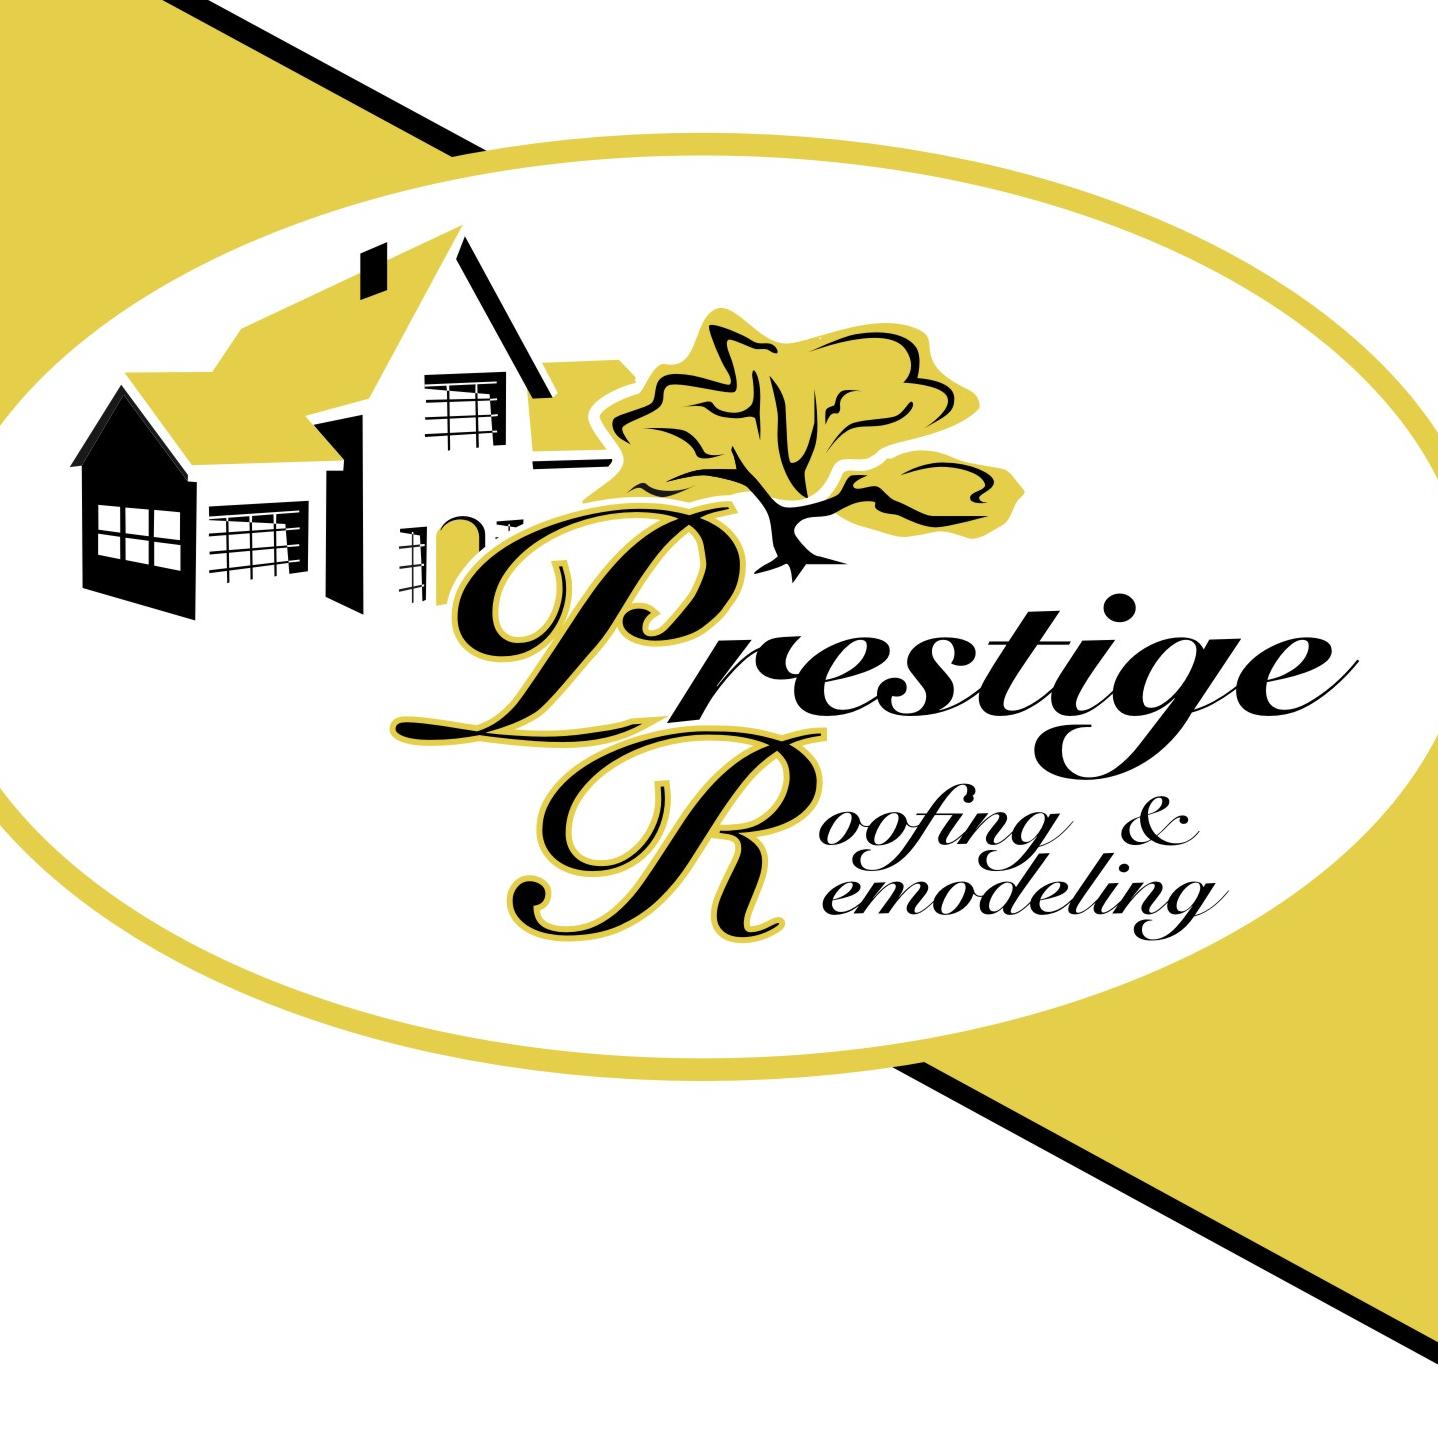 Prestige Roofing & Remodeling LLC - Broken Arrow, OK - Roofing Contractors